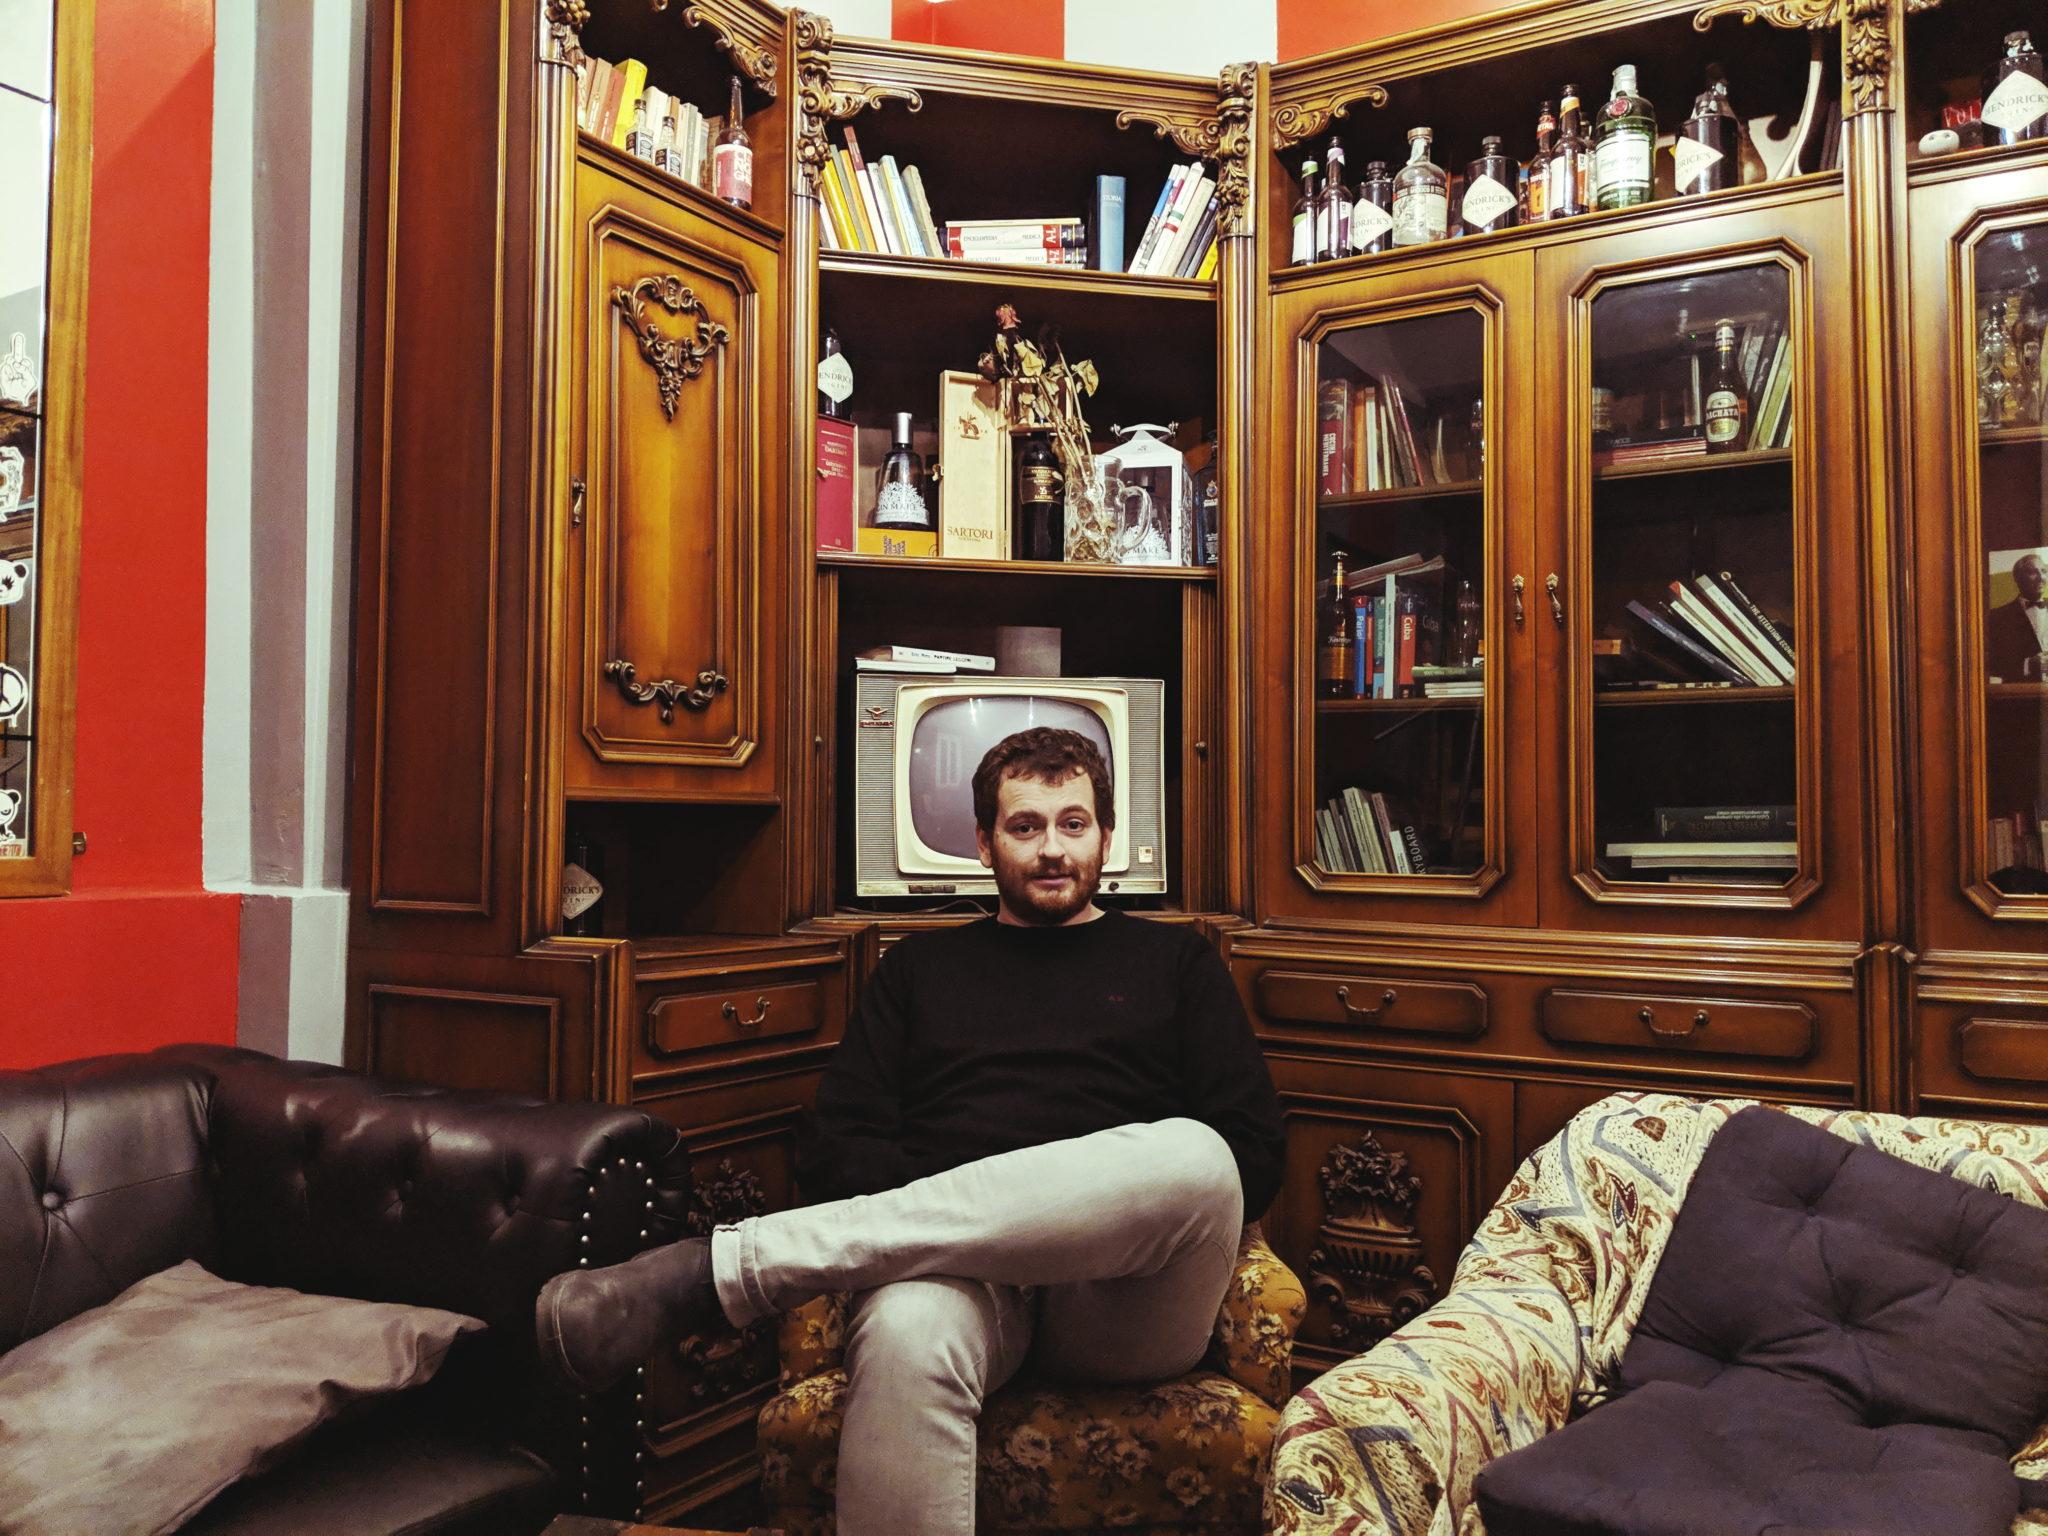 Matteo B Bianchi, scrittore, autore televisivo e locals di NoLo, ci porta a fare un giro fra i suoi luoghi preferiti del nuovo quartiere di Milano